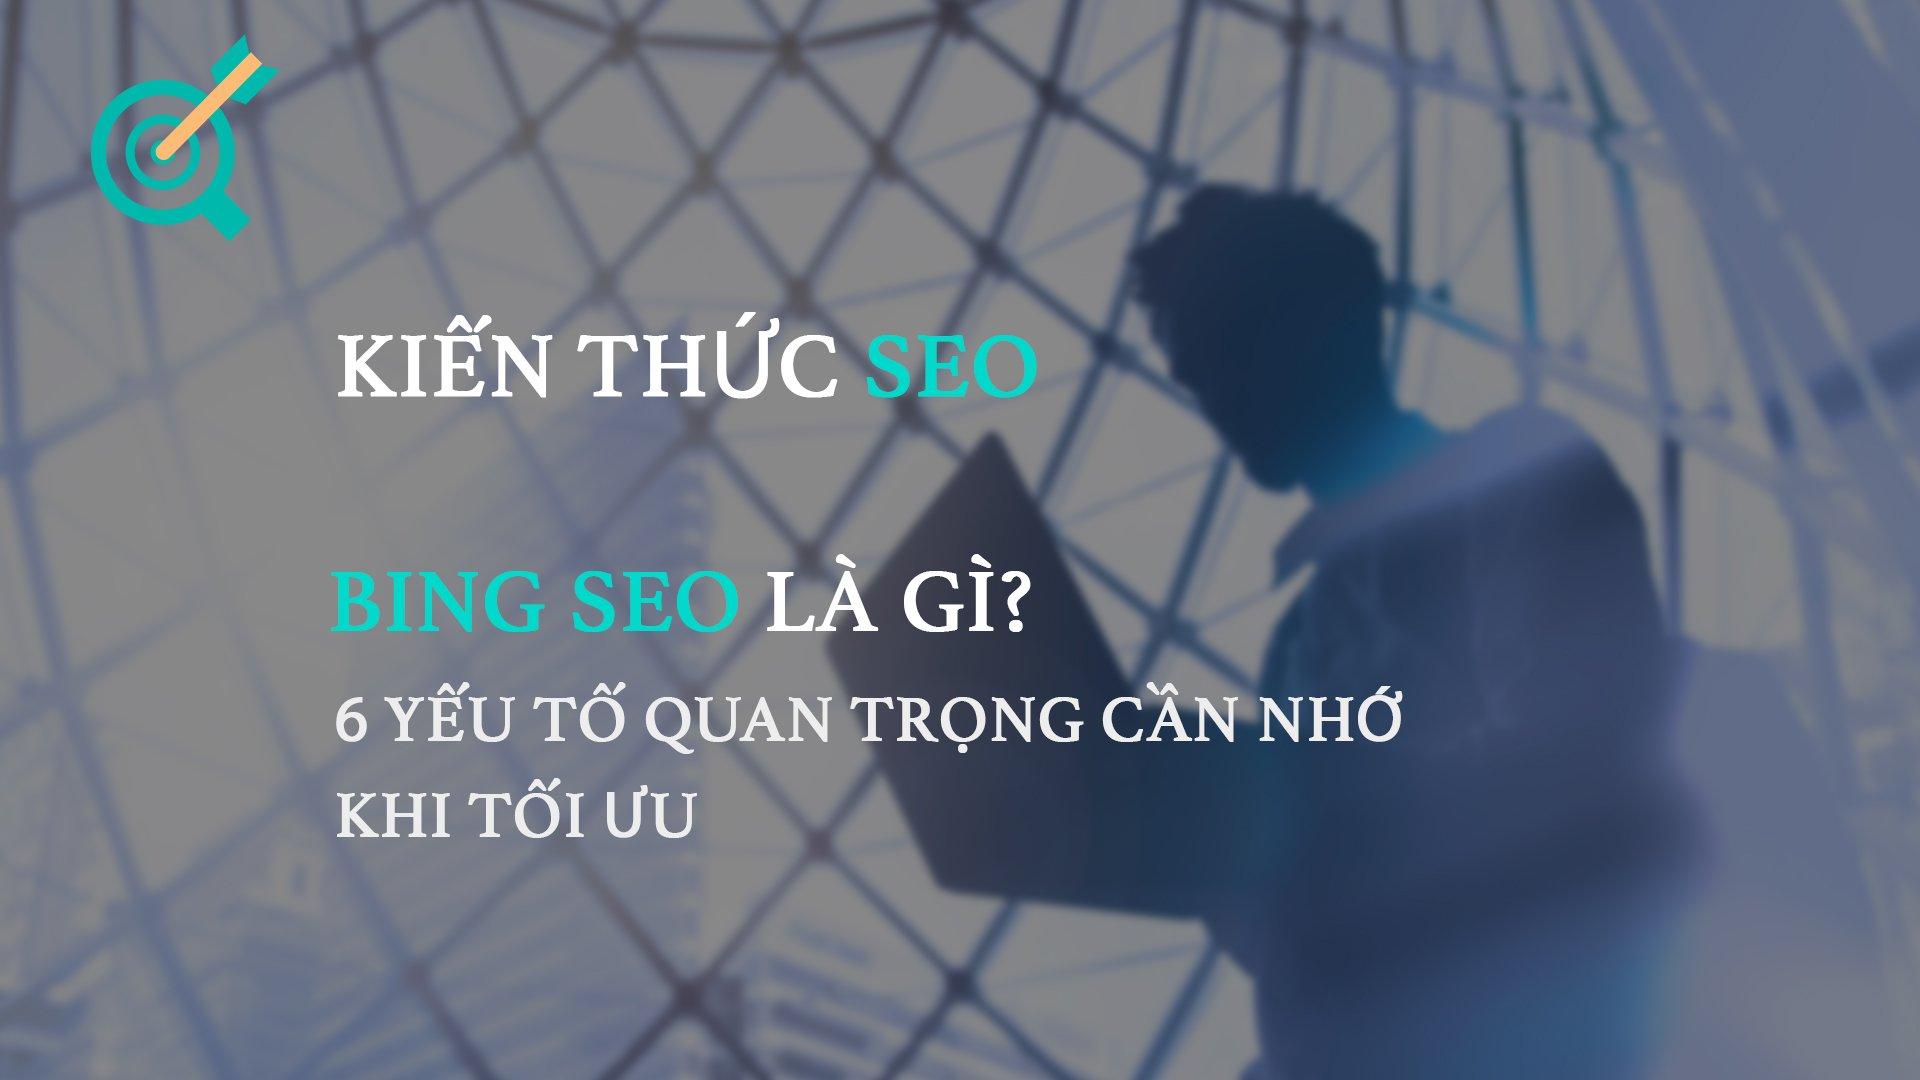 Bing SEO là gì? 6 yếu tố quan trọng cần nhớ khi tối ưu